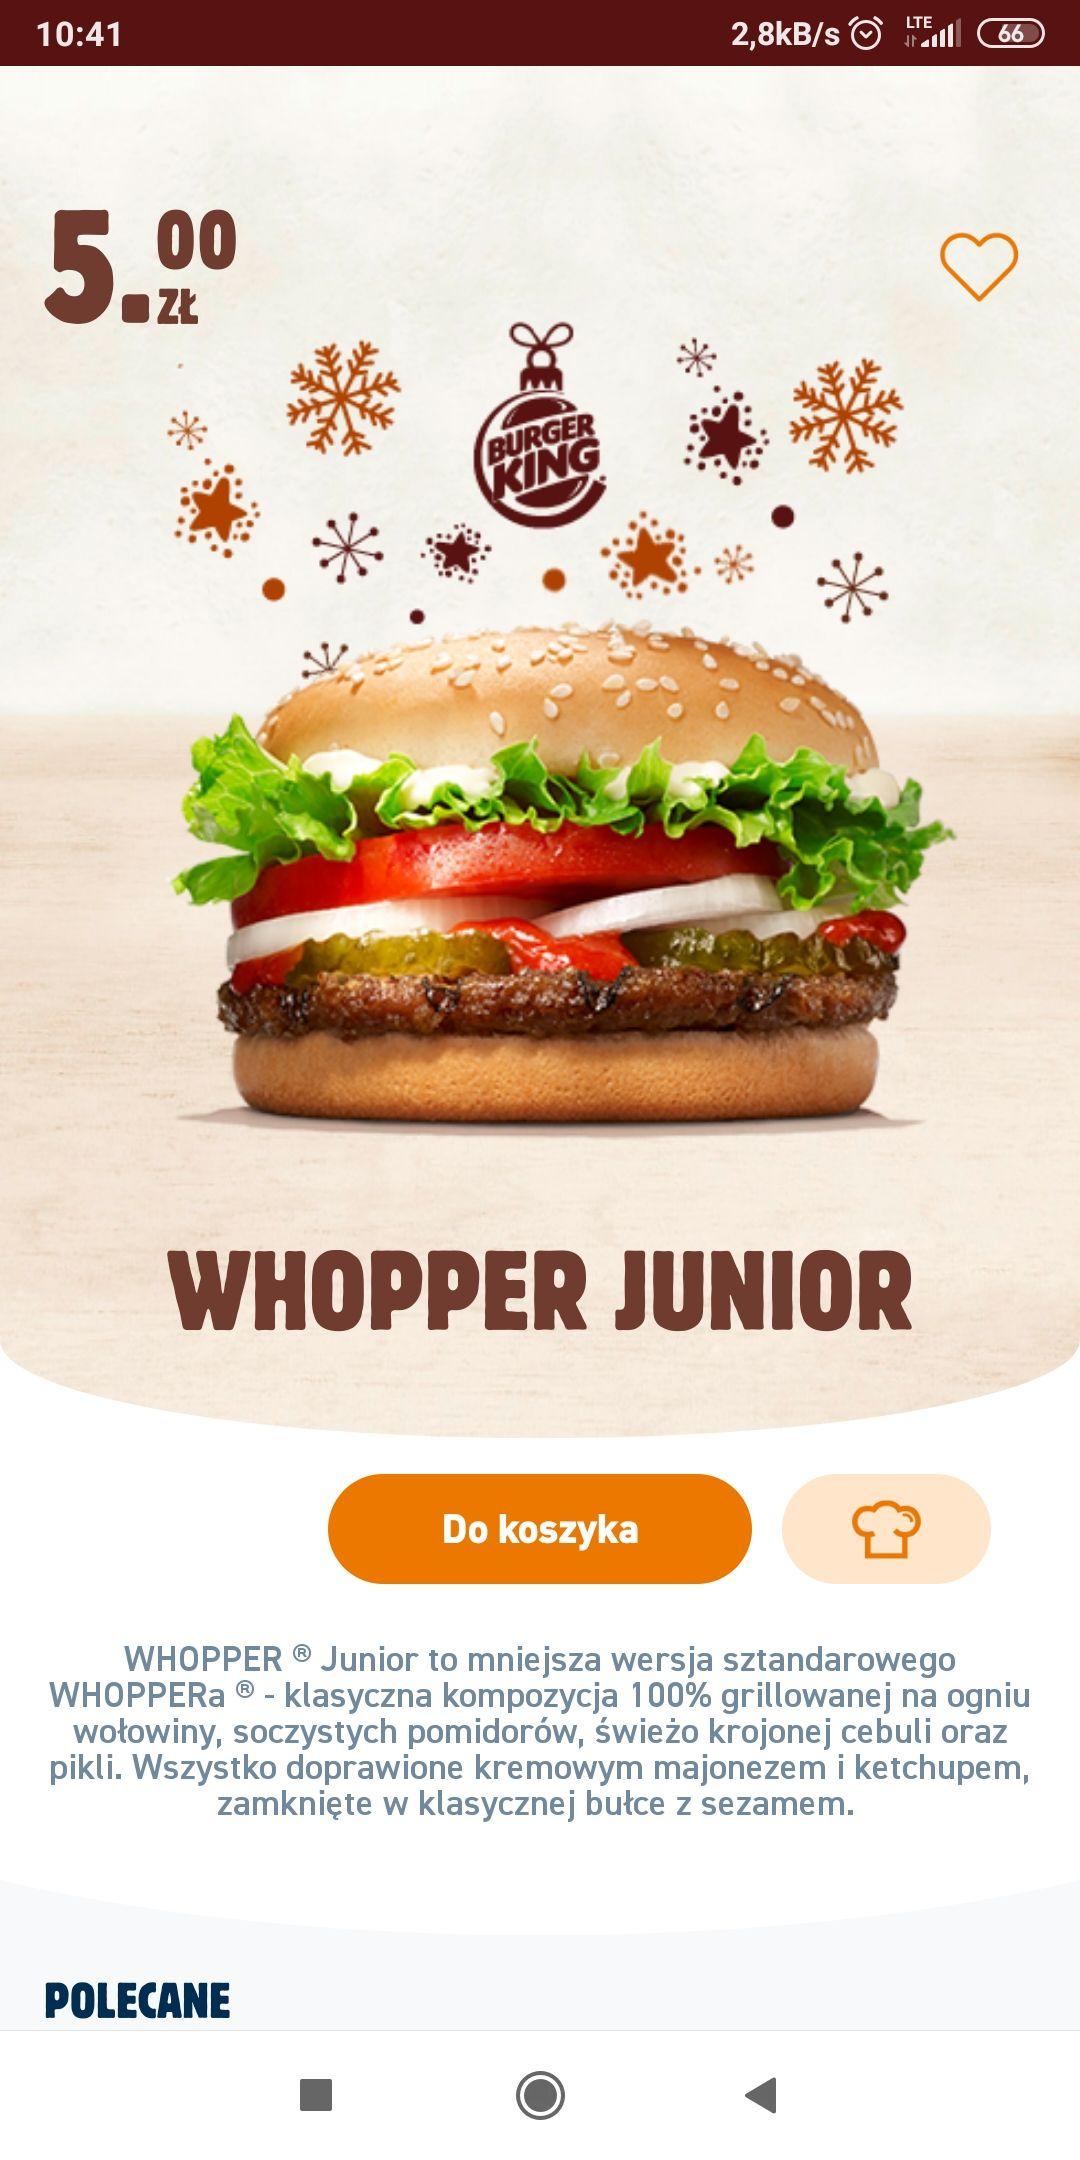 Whopper junior Burger King